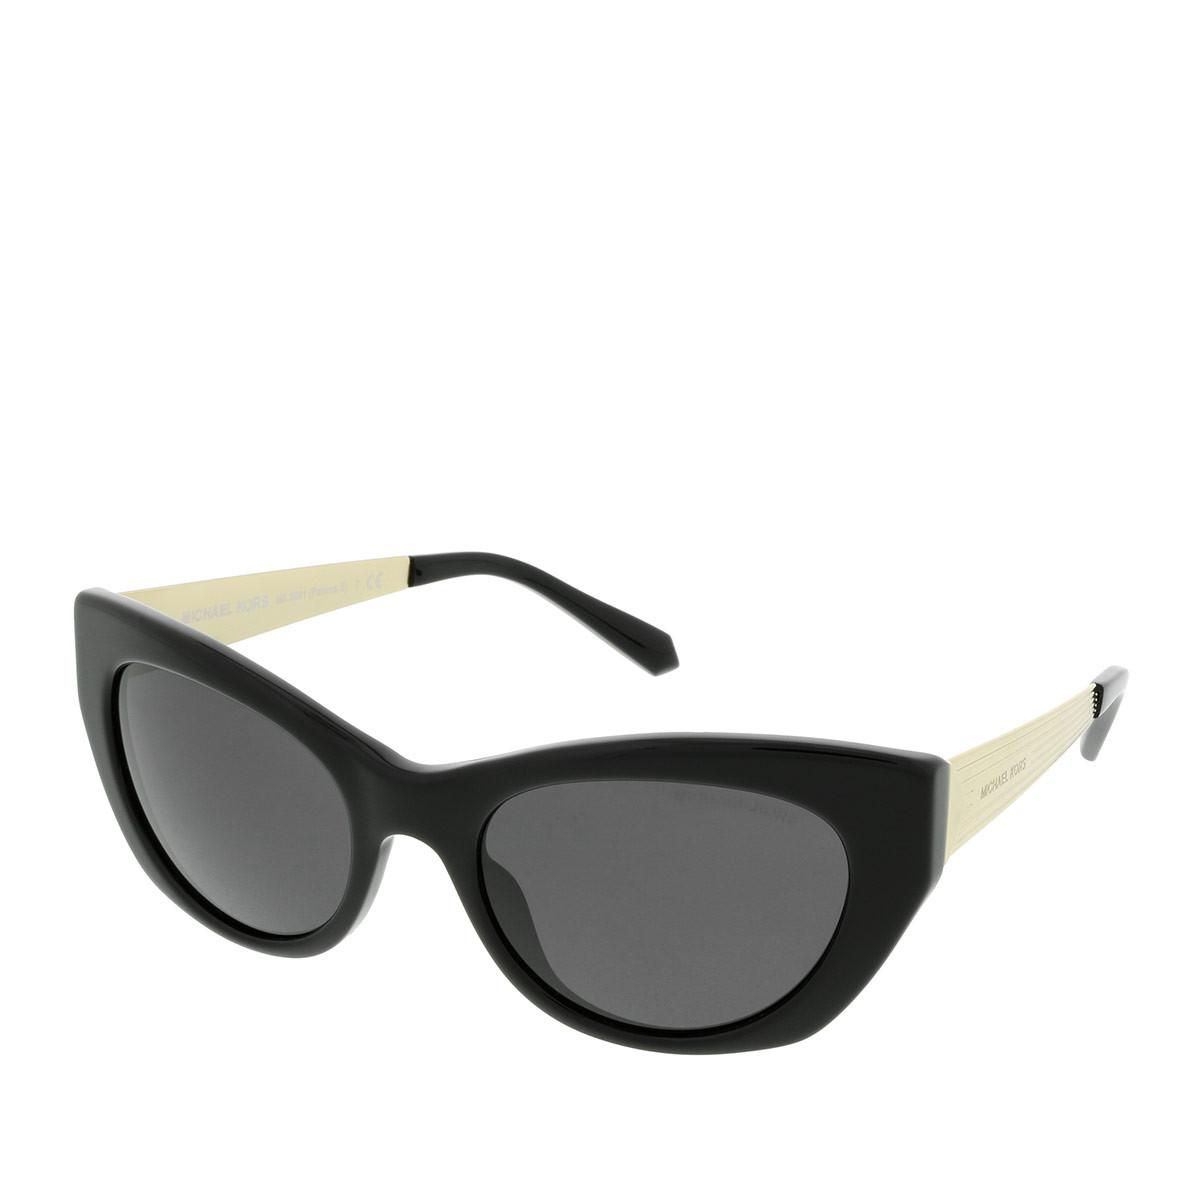 Michael Kors Sonnenbrille - MK 0MK2091 51 300587 - in schwarz - für Damen